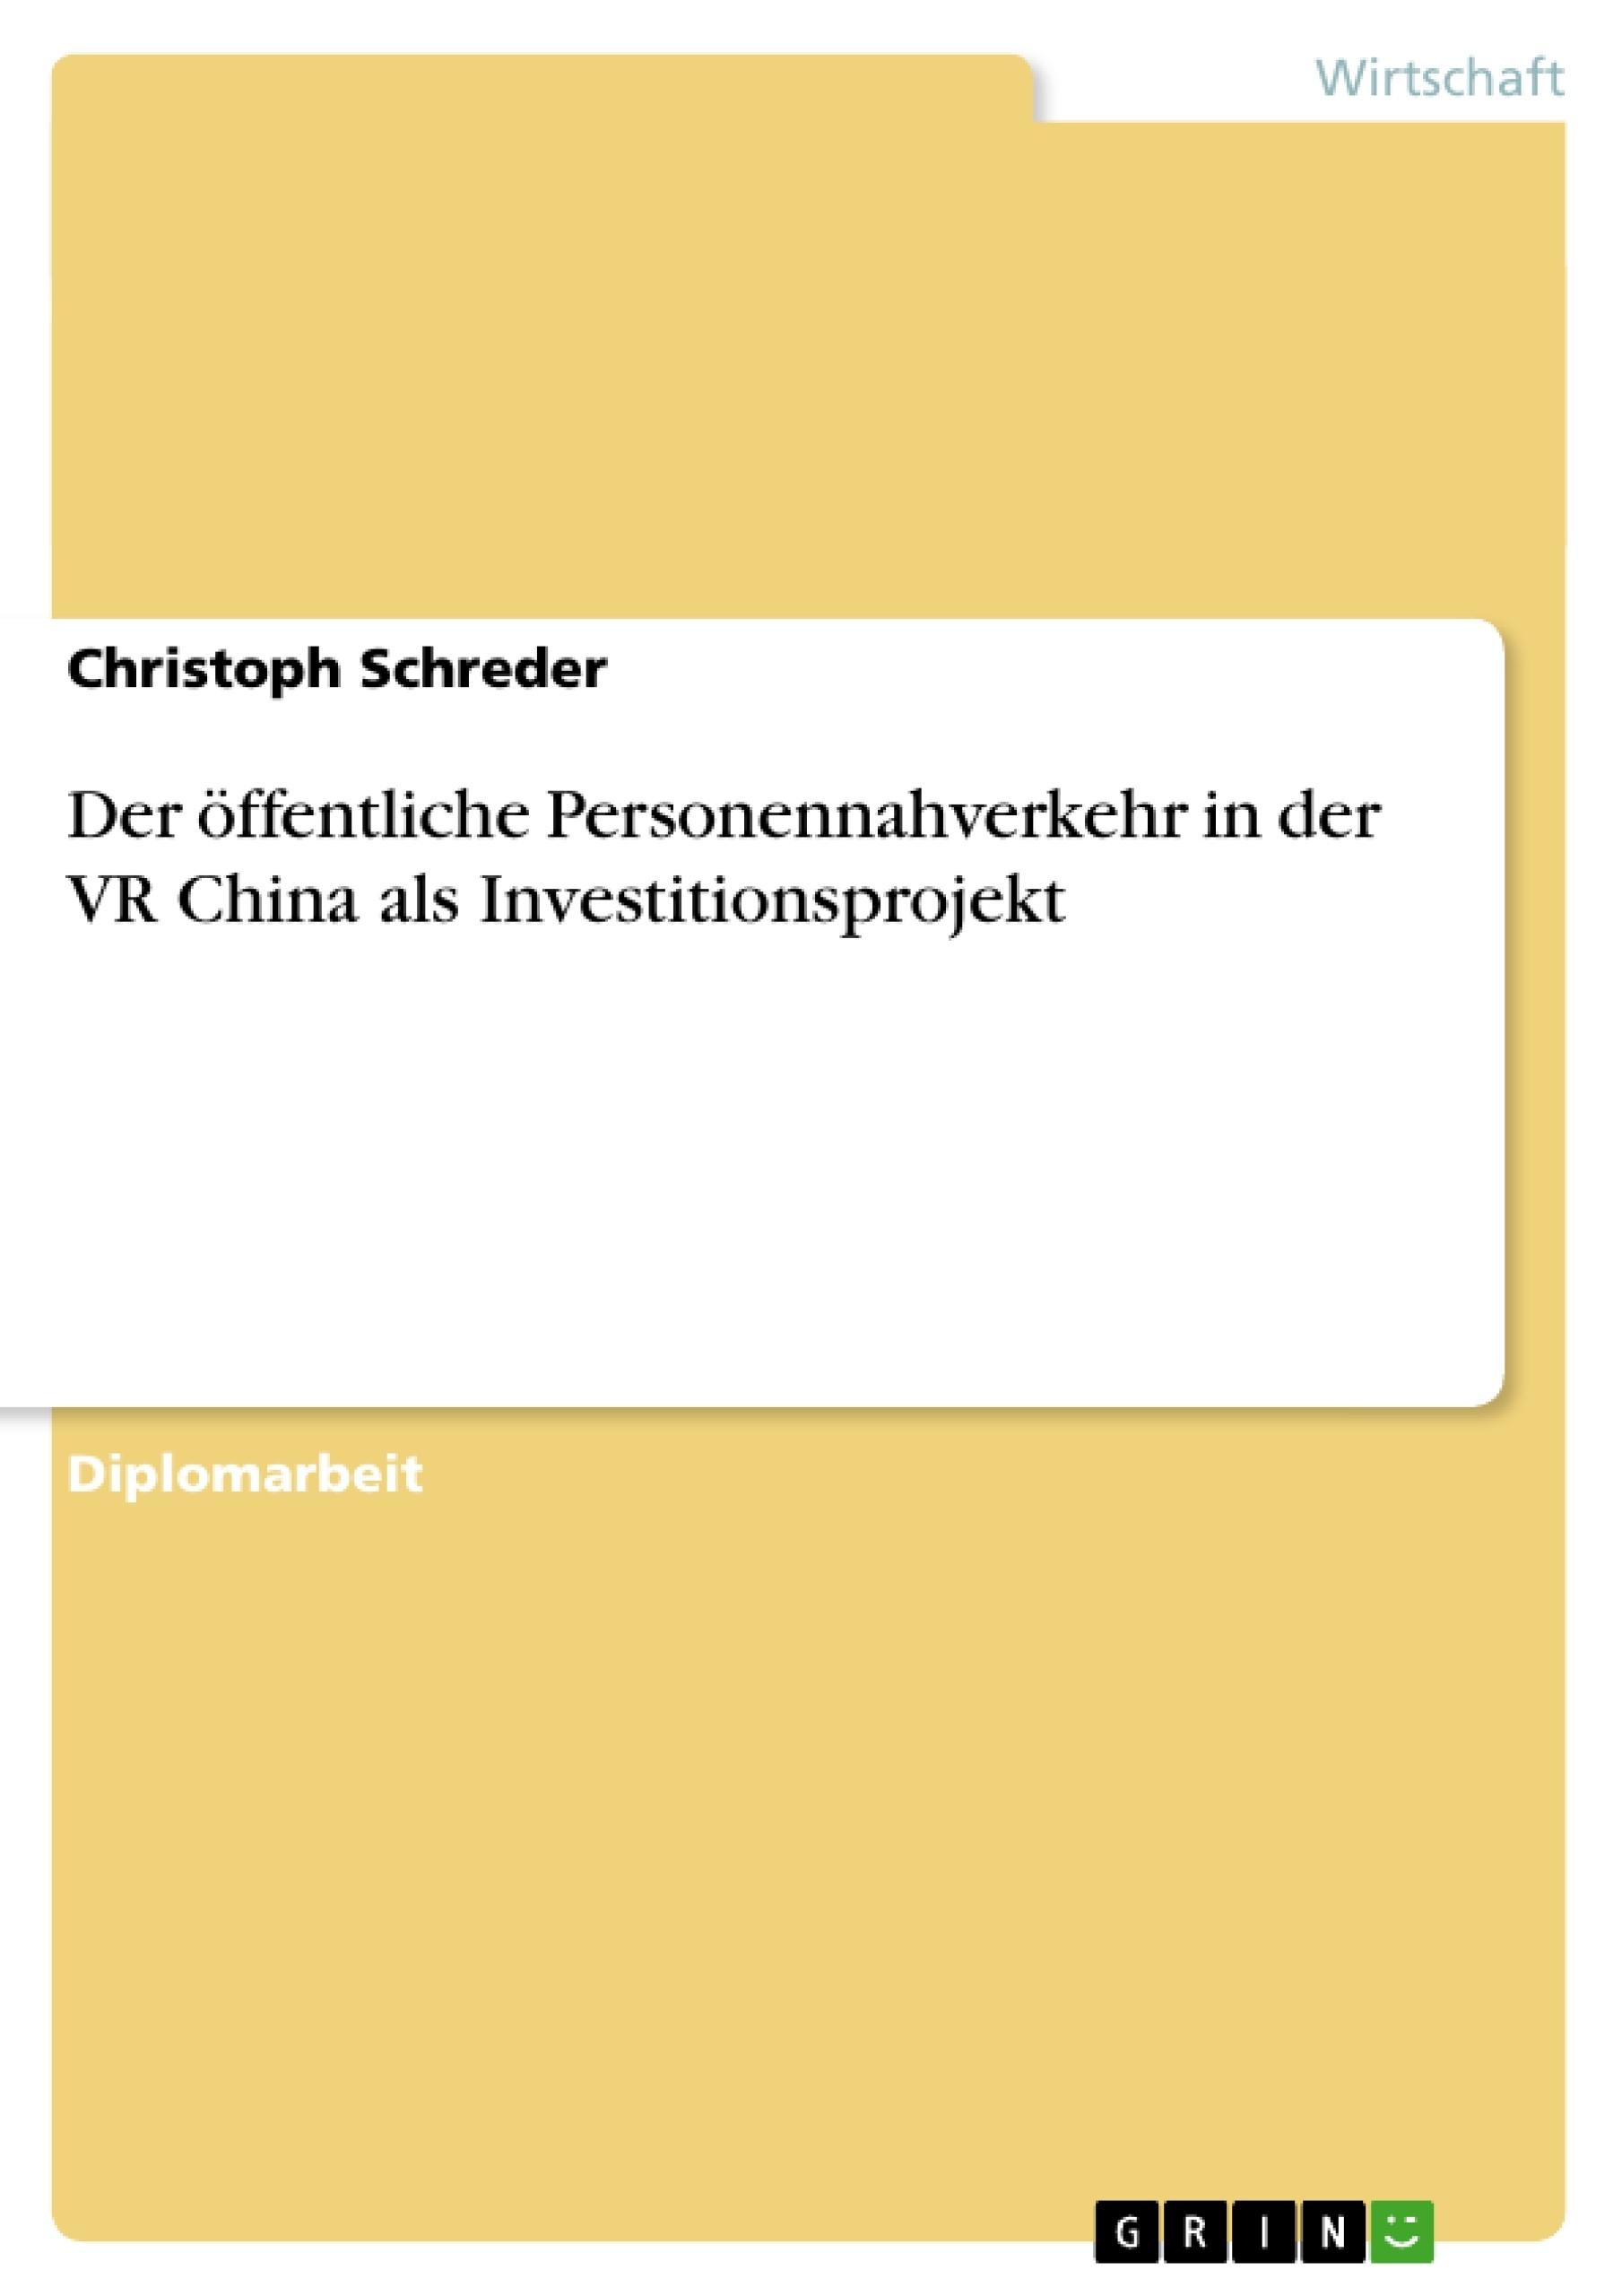 Titel: Der öffentliche Personennahverkehr in der VR China als Investitionsprojekt